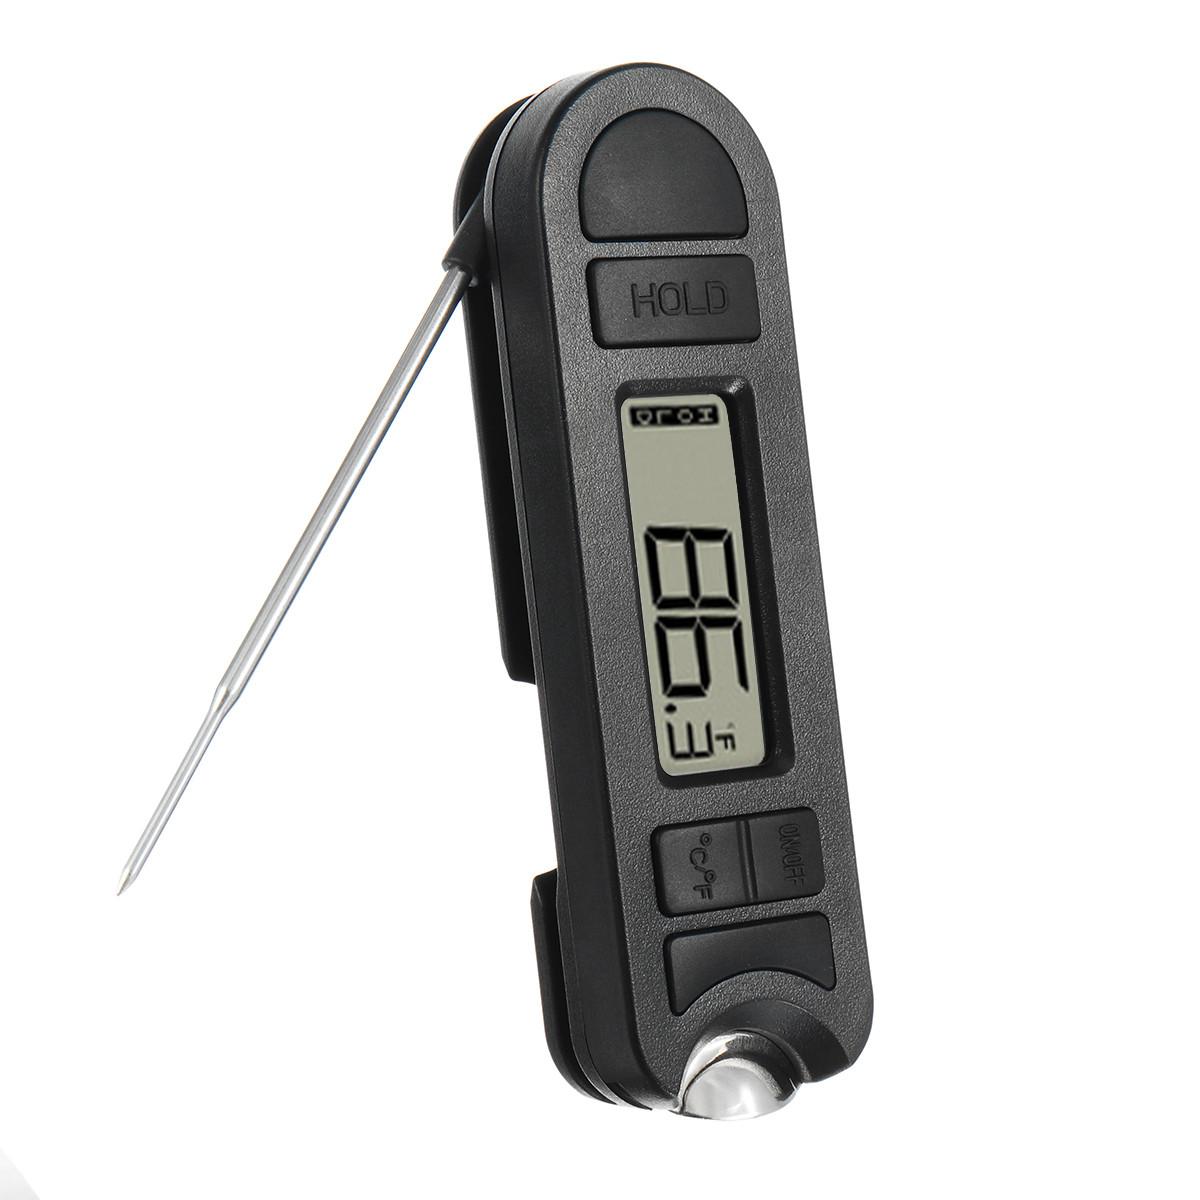 Цифровой складной барбекю Термометр с открывателем бутылок Кухня Кухня Масло Измеритель температуры Набор 1TopShop